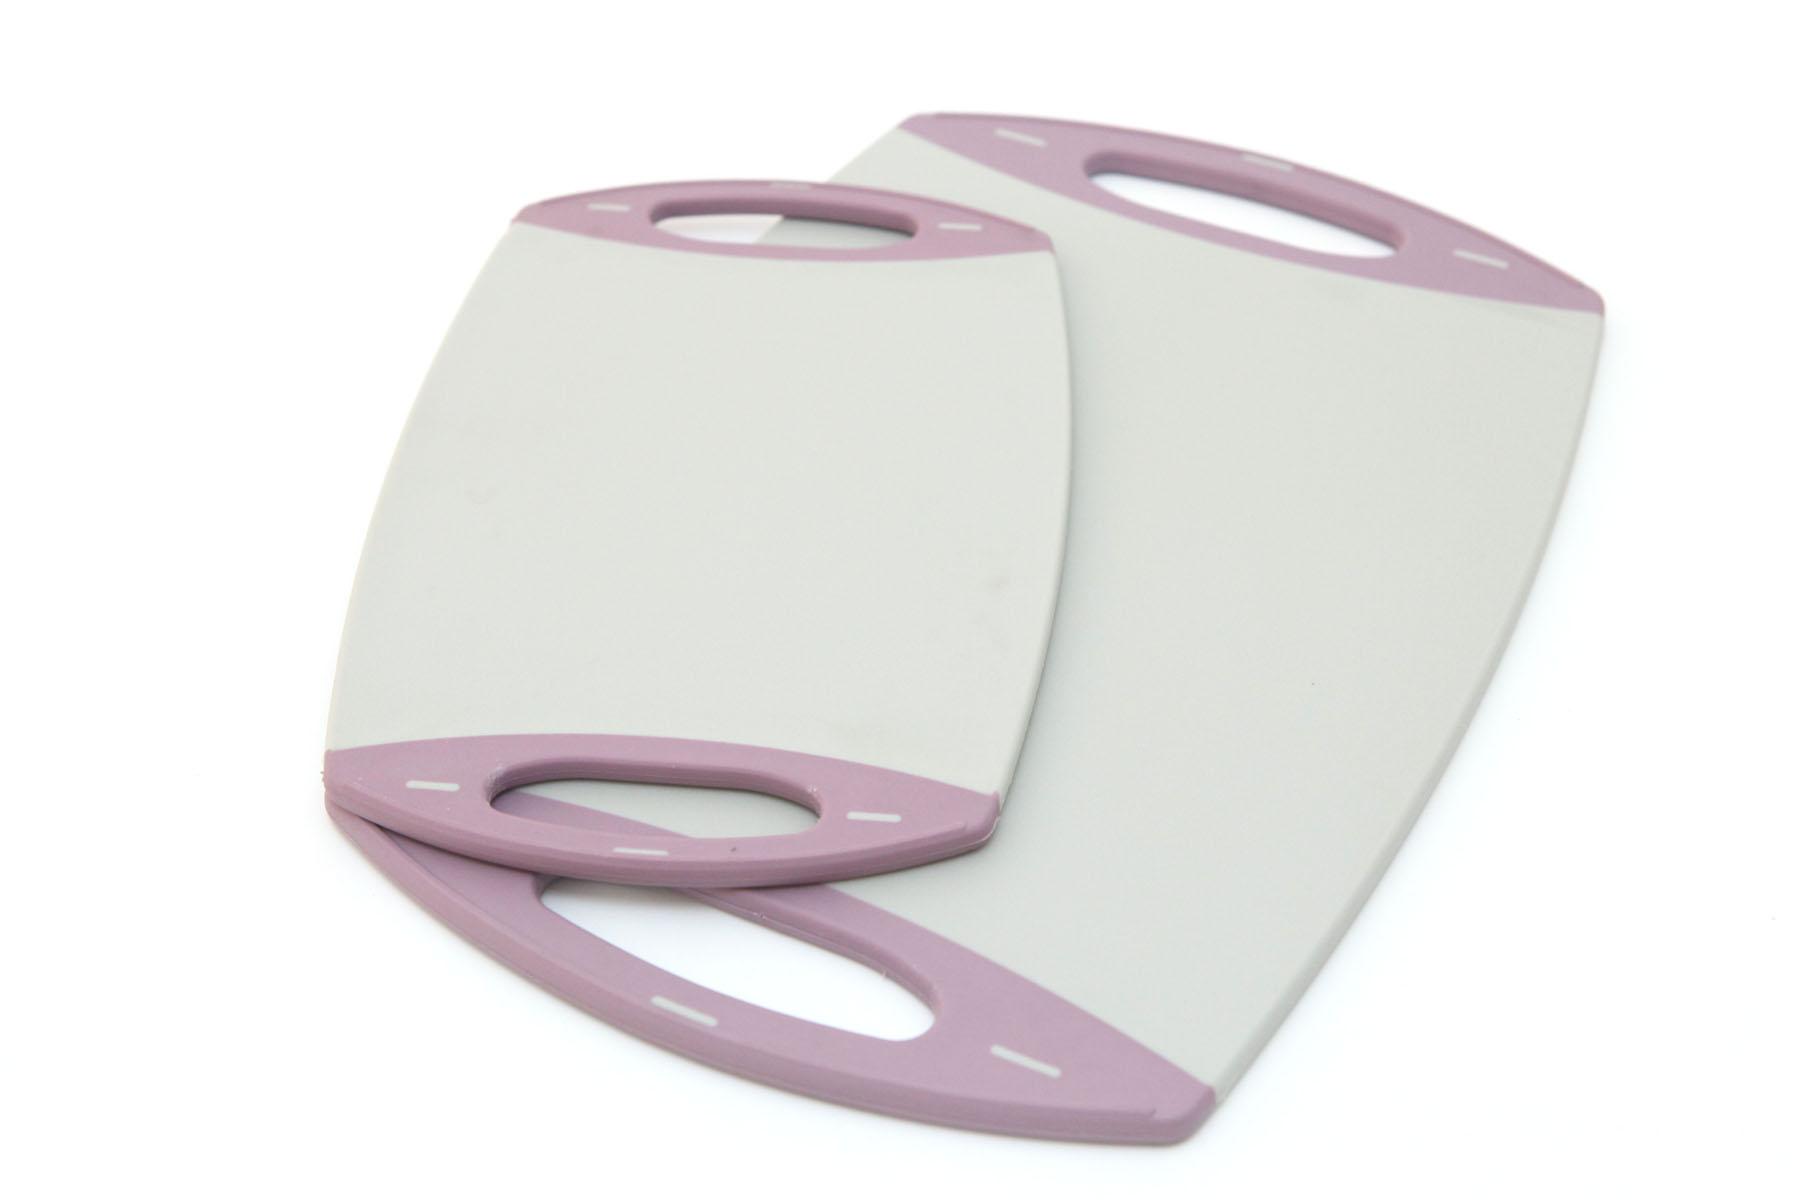 Набор разделочных досок Fissman, цвет: серый, фиолетовый, 2 штAY-7257.CBНабор Fissman состоит из двух прямоугольных разделочных досок. Доски выполнены из пищевого пластика с прорезиненными ручками с двух сторон. Также доски не будут скользить по поверхности стола, что делает их использование более удобным. Набор разделочных досок Fissman станет незаменимым и полезным аксессуаром на вашей кухне, который к тому же и стильно дополнит интерьер. Нельзя мыть в посудомоечной машине.